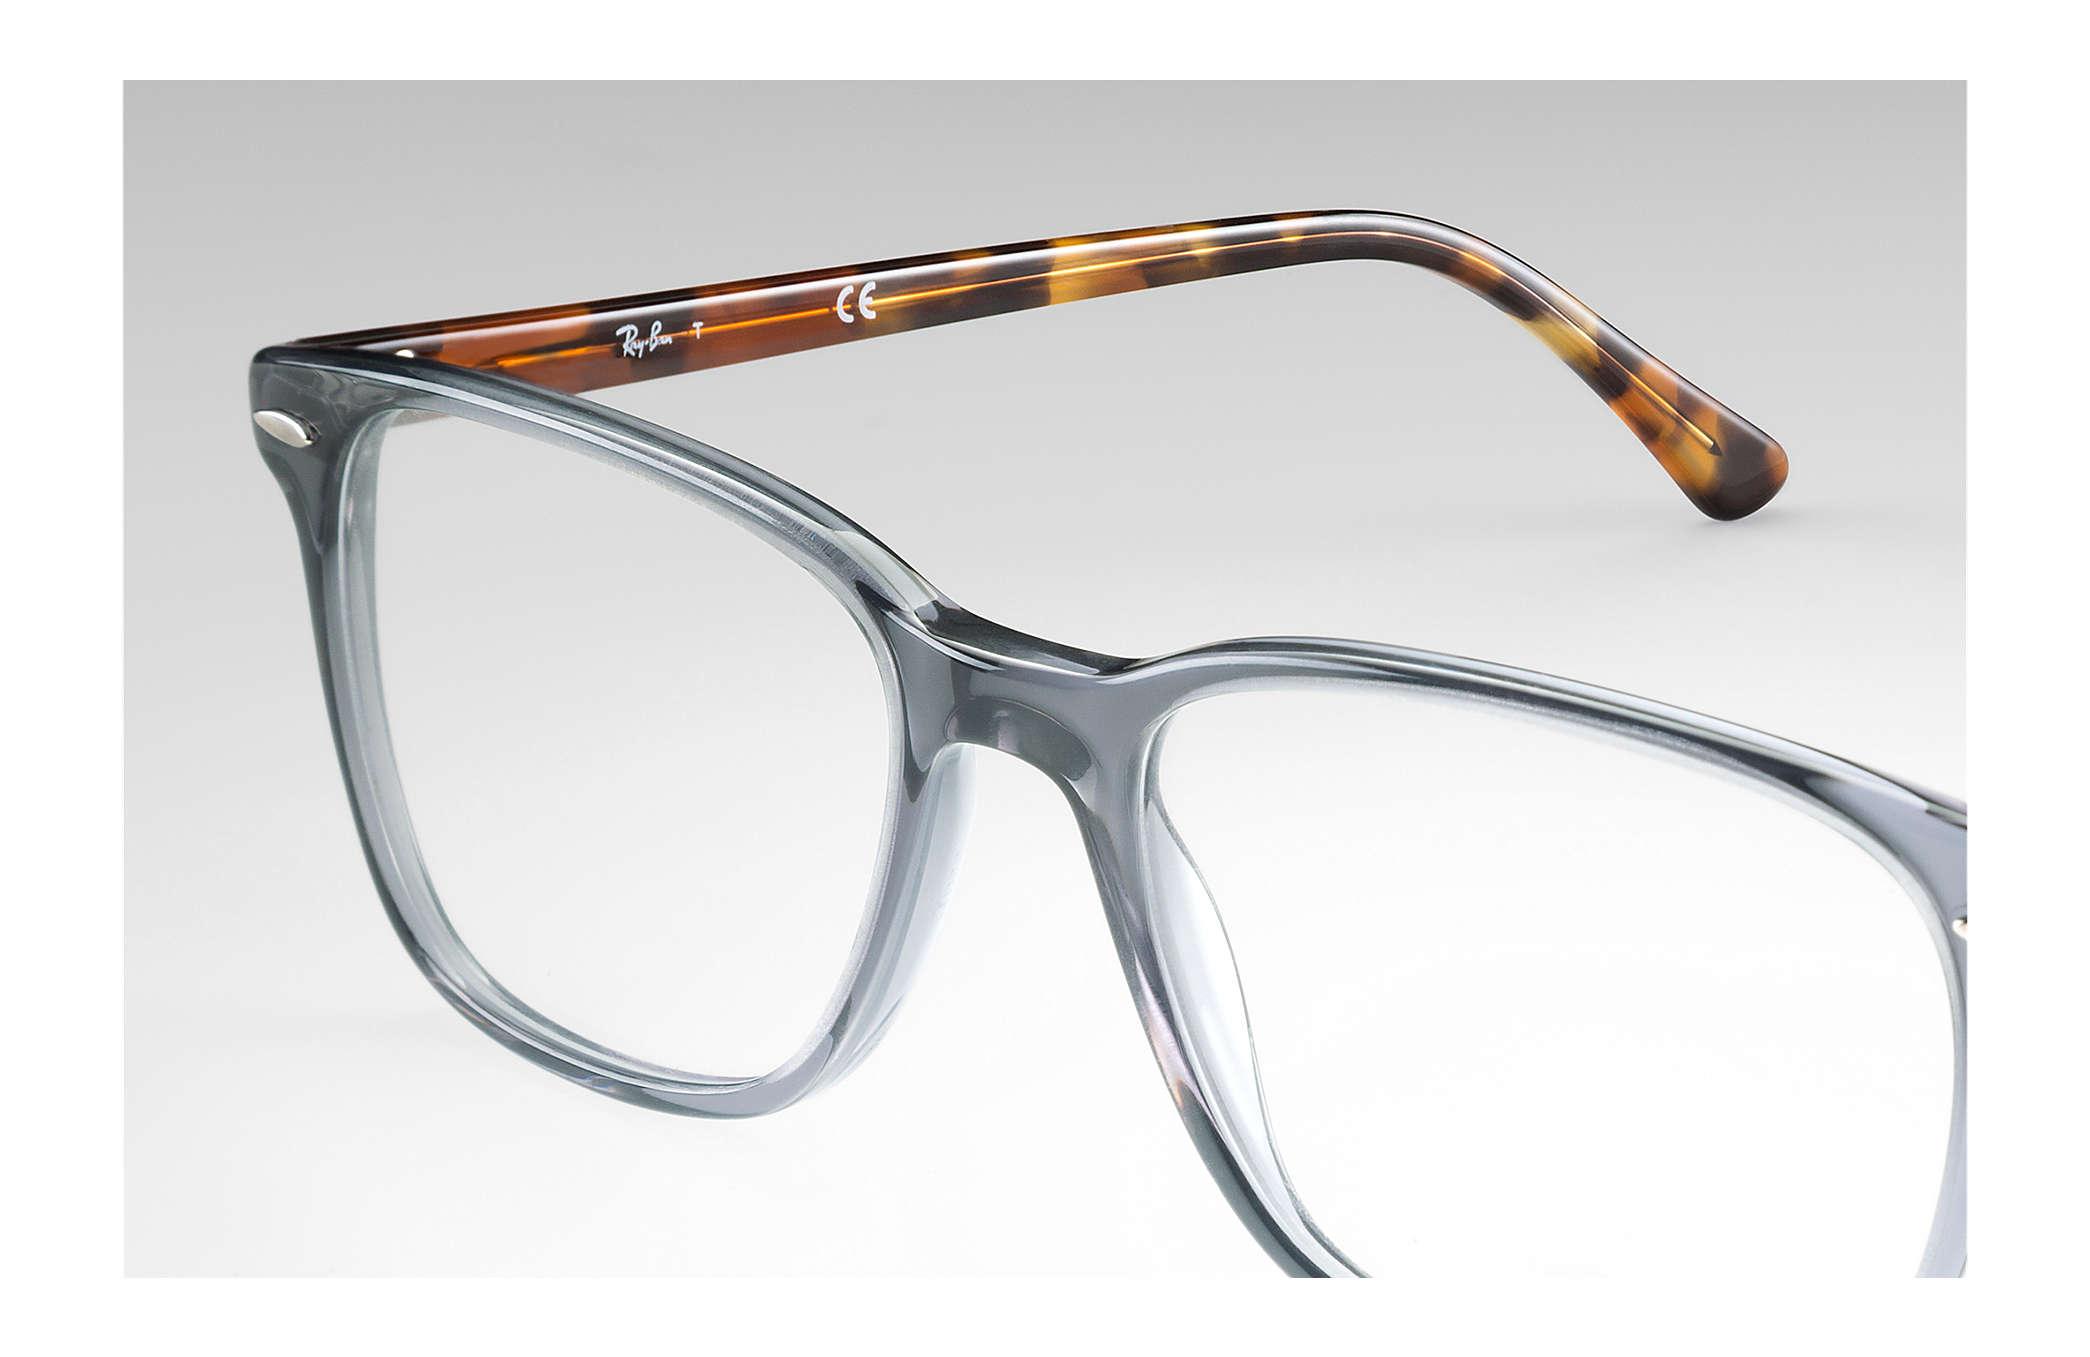 e6f3739f46 Ray-Ban prescription glasses RB7119 Grey - Propionate ...